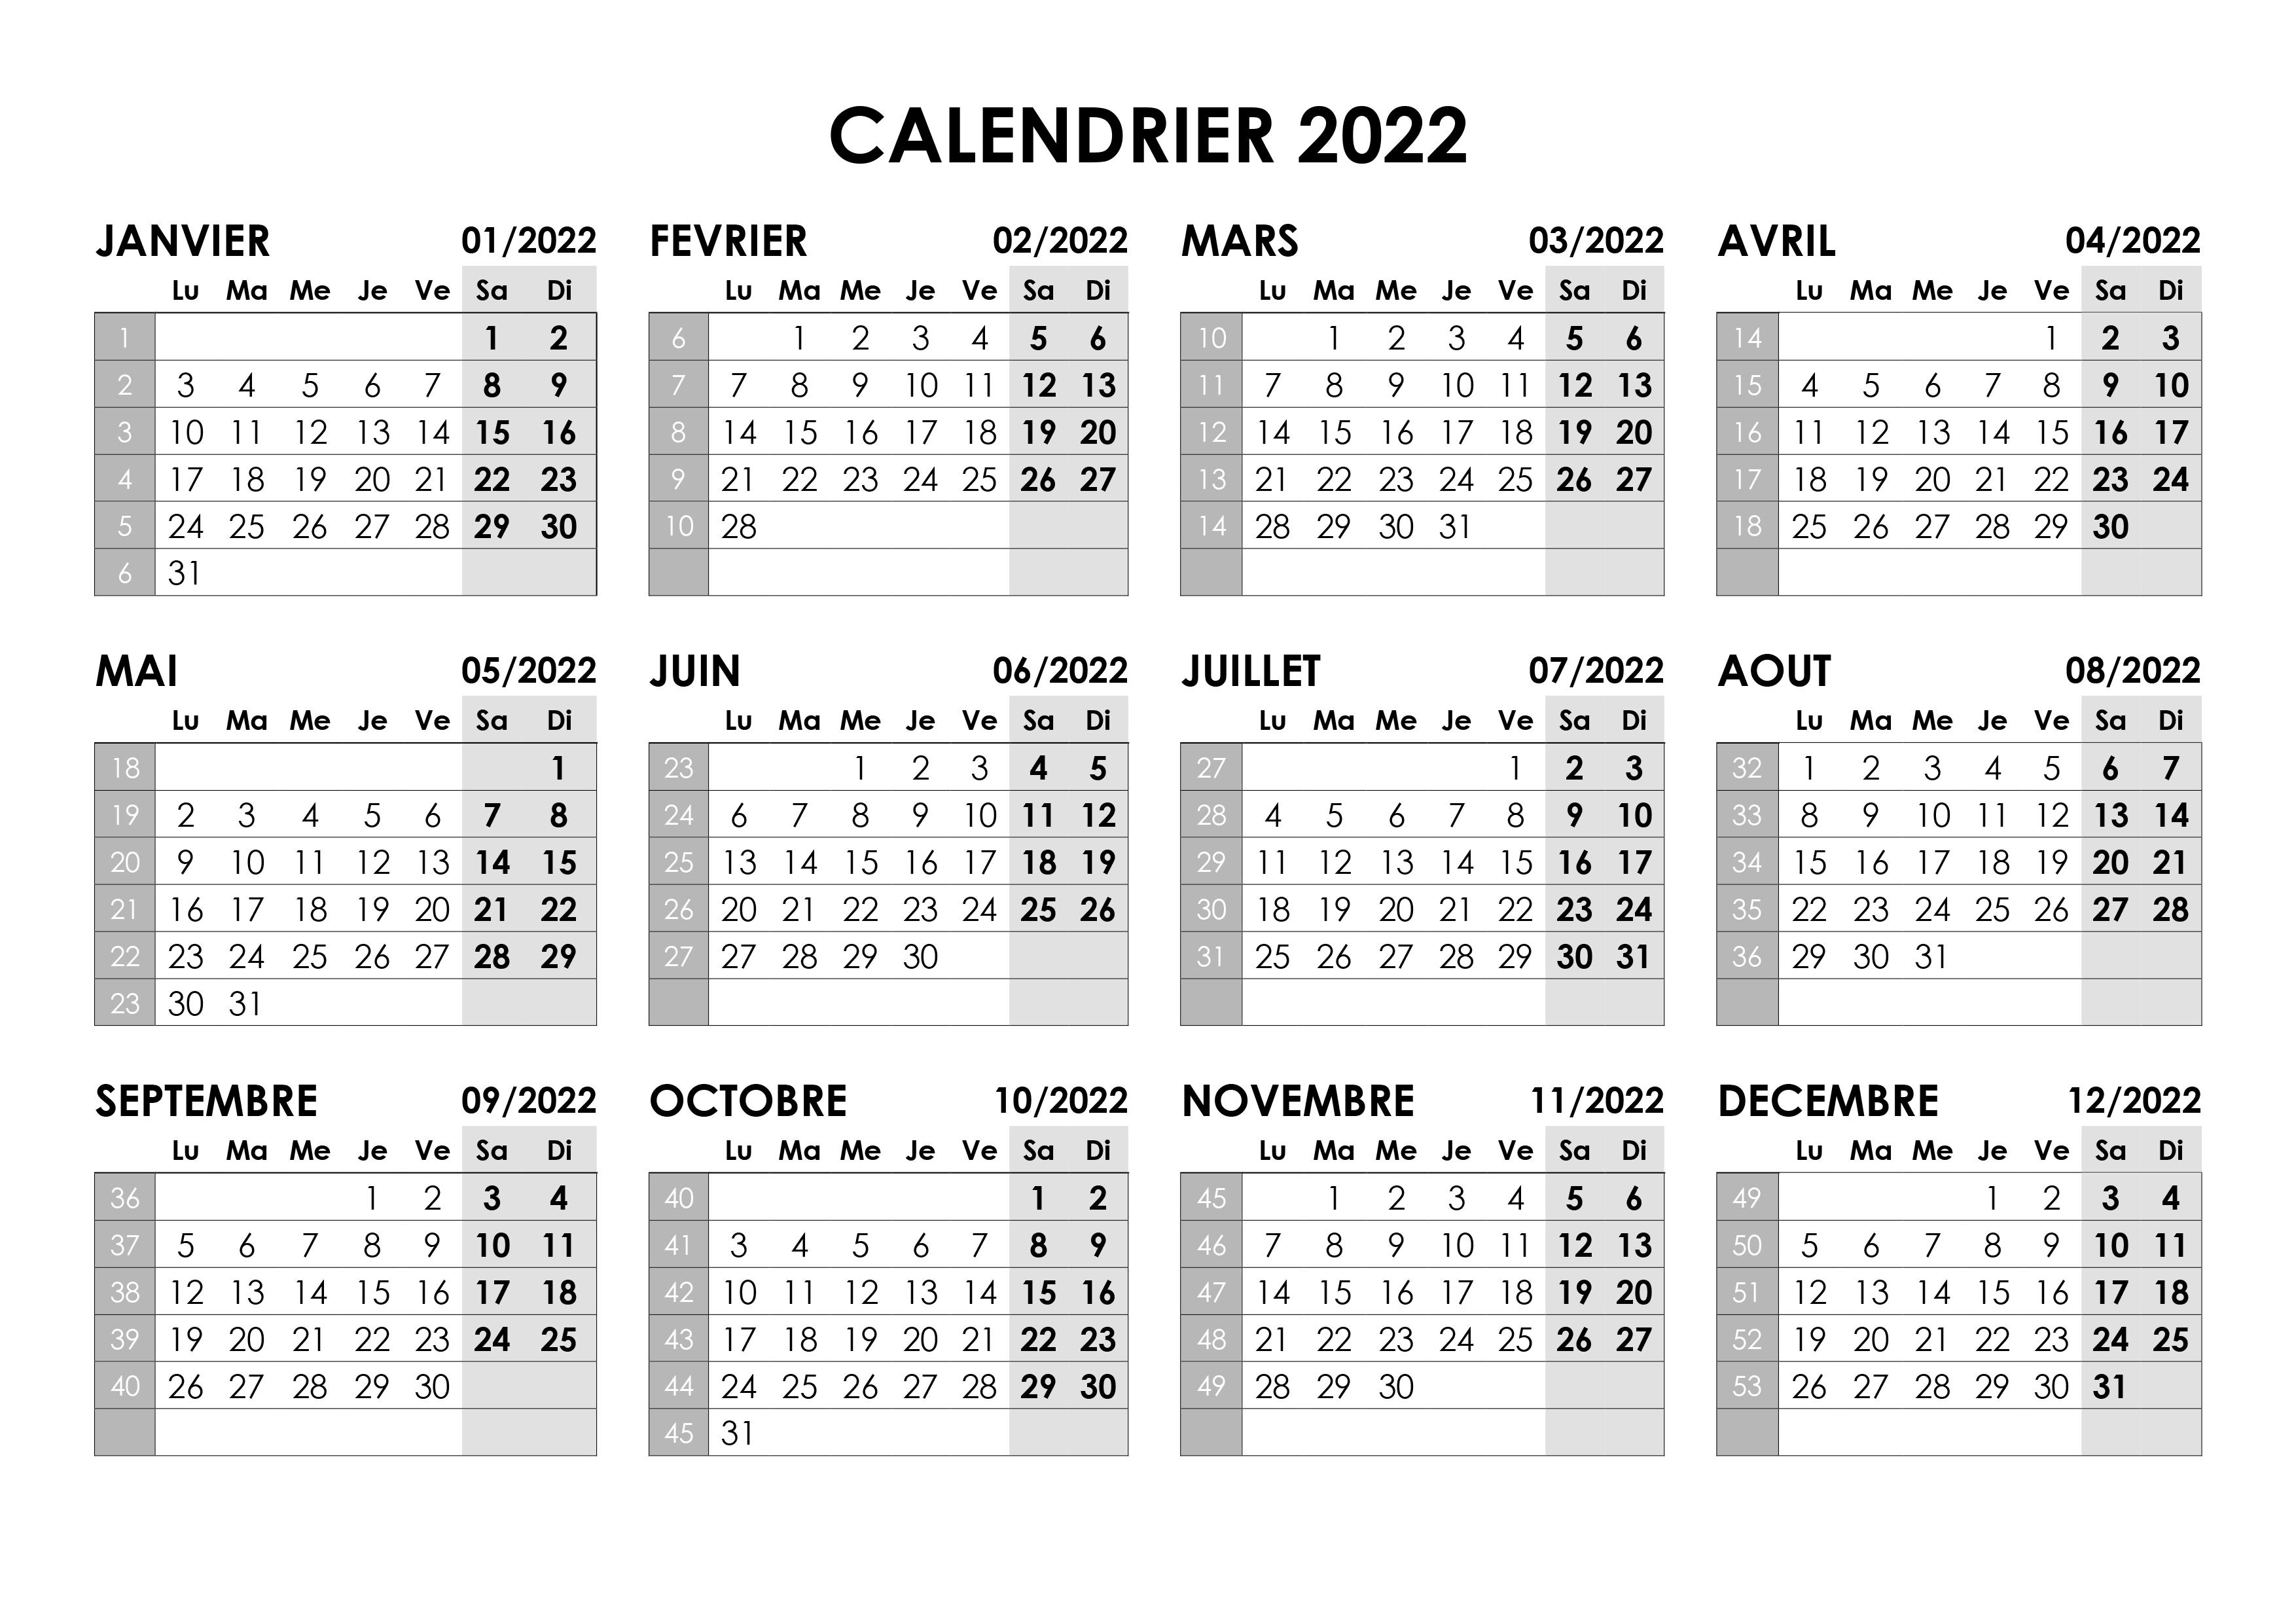 Calendrier 2022 Format A4 Calendrier annuel 2022 – calendrier.su